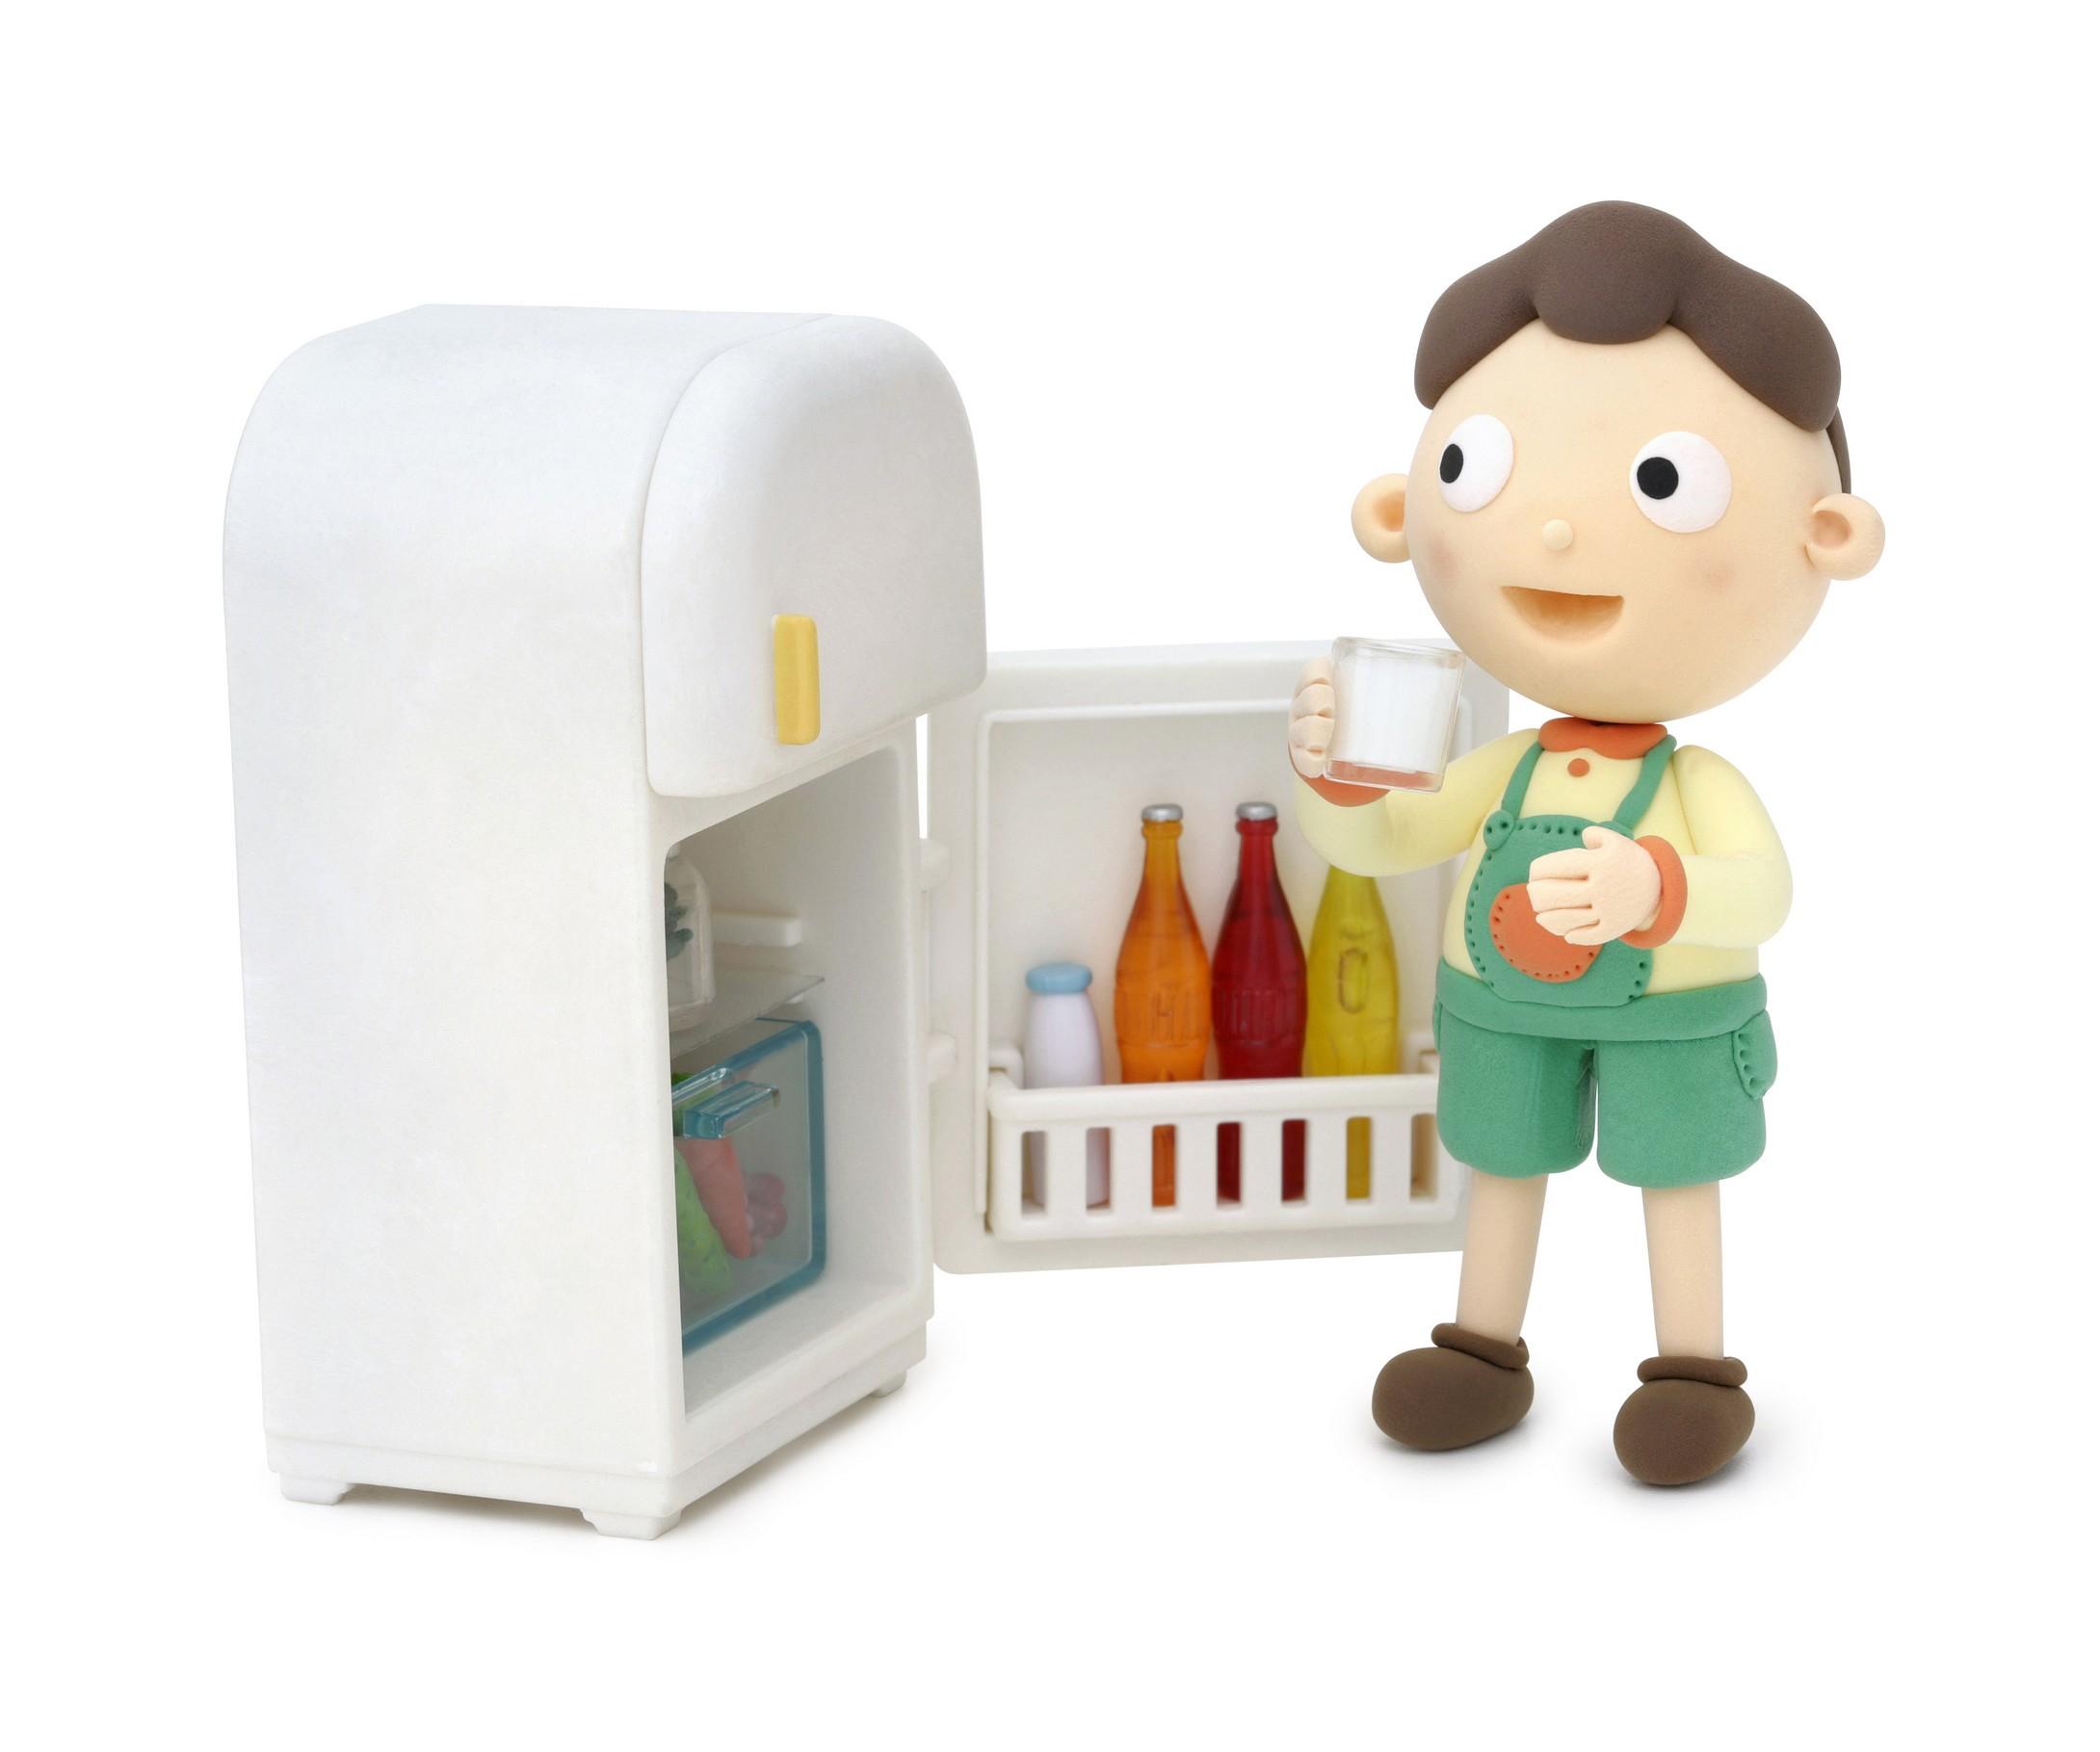 冰箱节能妙招